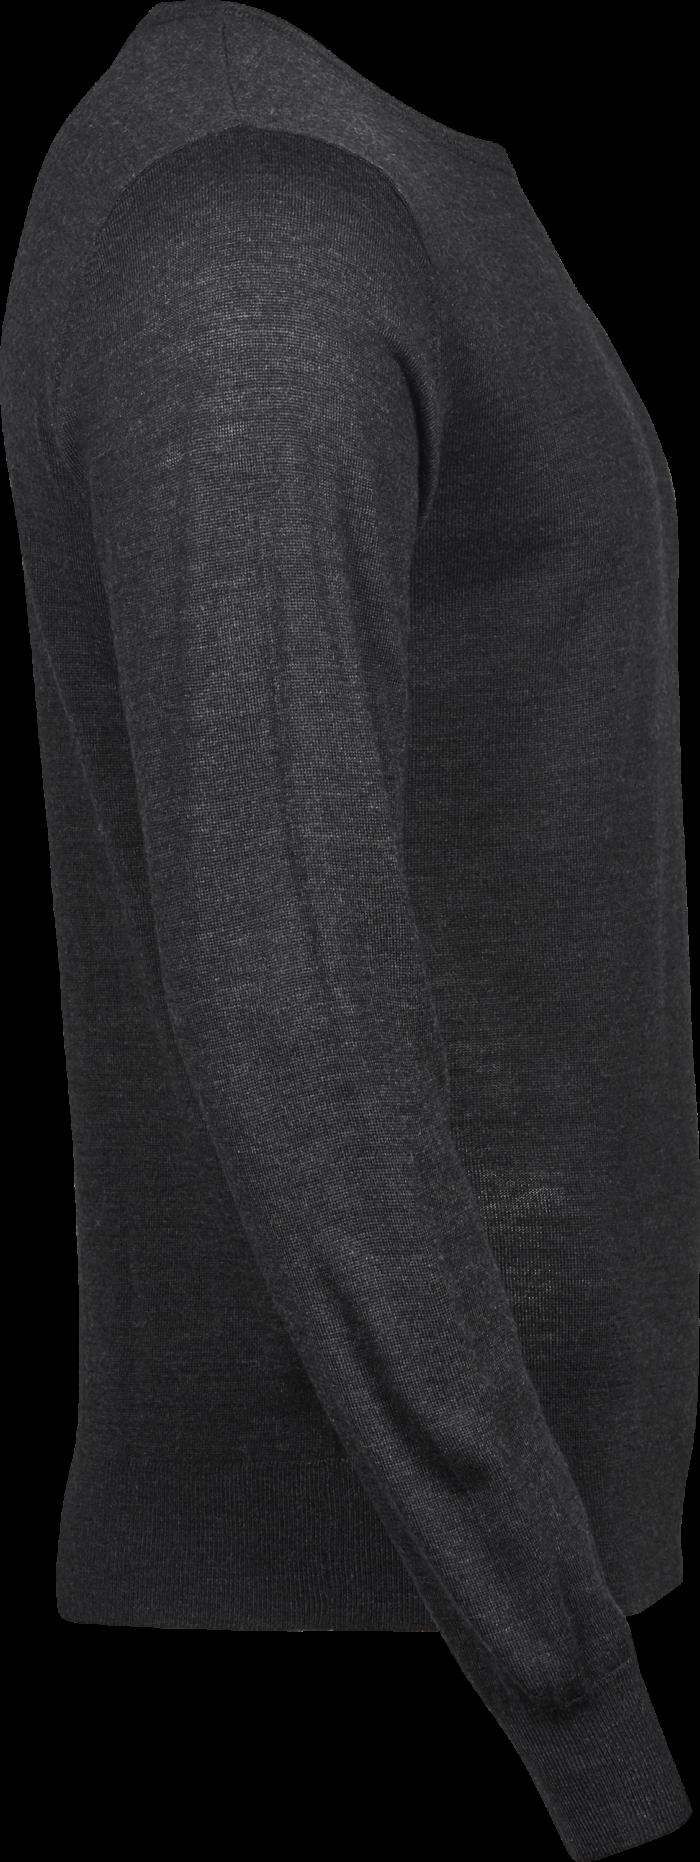 6000_Mens Knitwear - Homme - 50% laine (mérinos), 50% acrylique -Calibre 12 tricot -Qualité italienne fil mérinos -Lavable à 30 degrés (programme laine) -Coupe ajustée, Tee Jays, 109 T-shirts